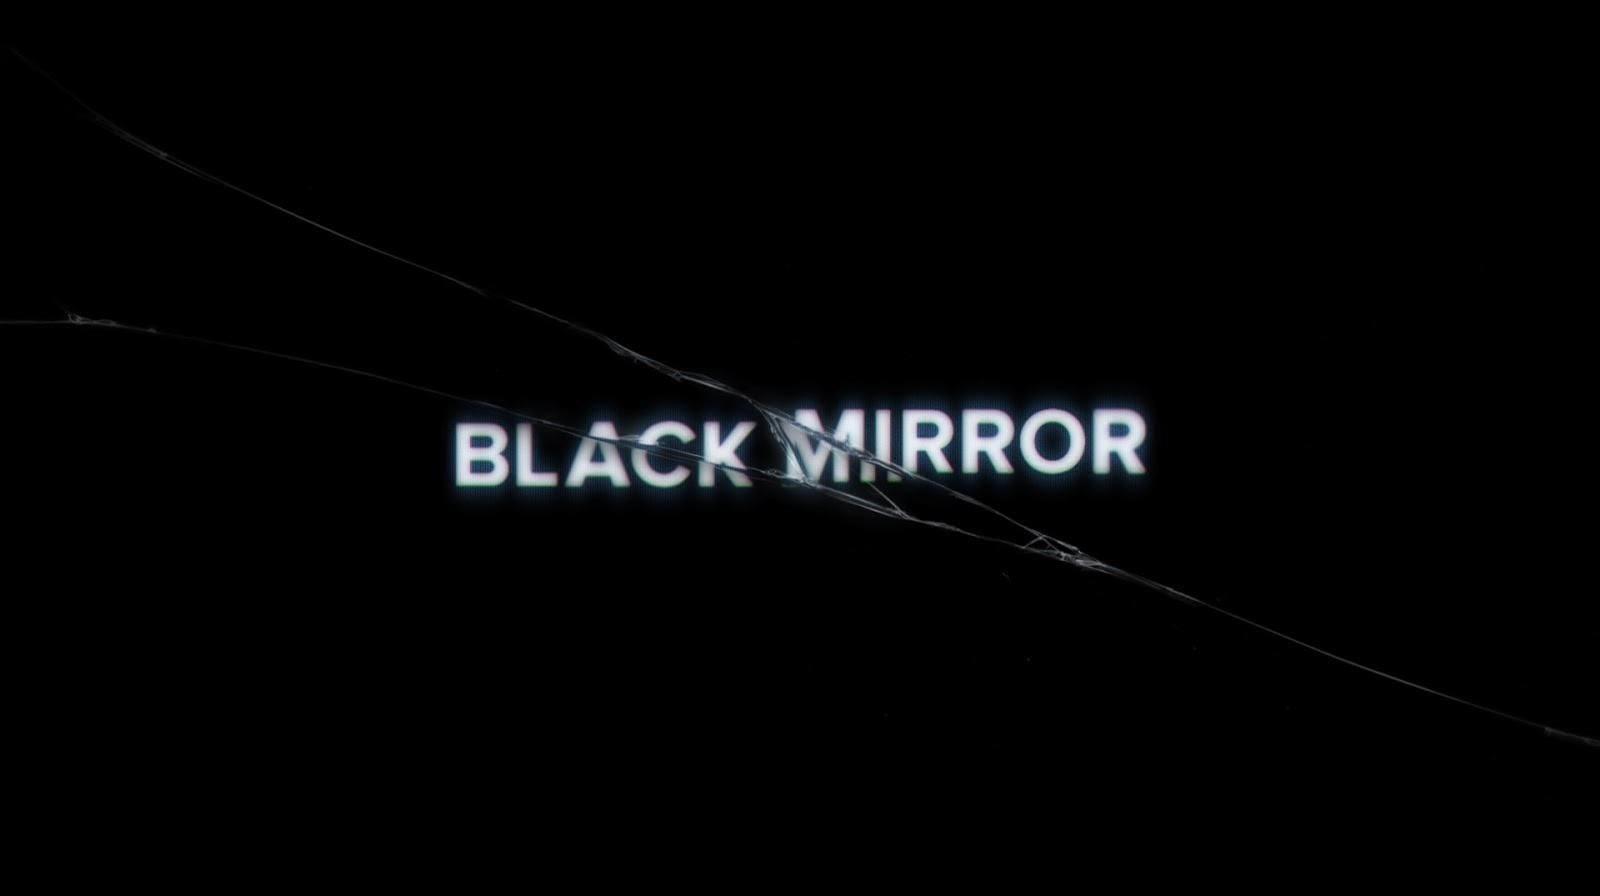 Risultato immagine per black mirror